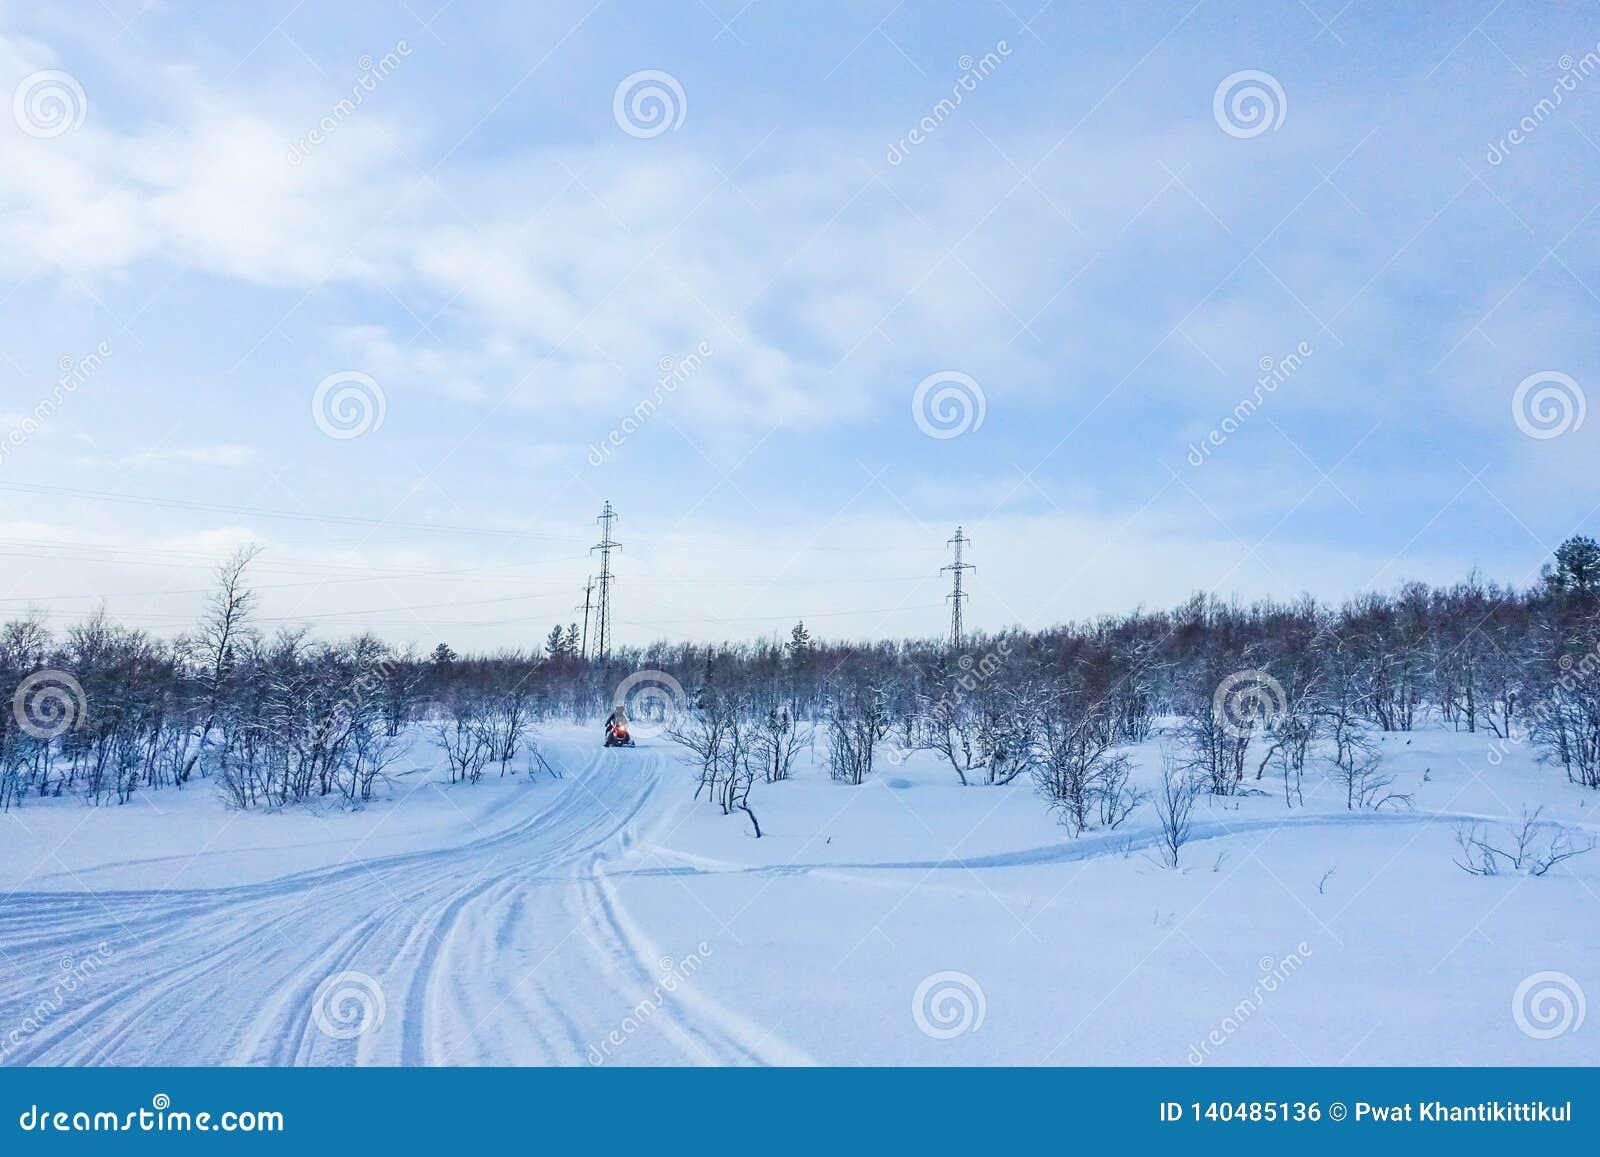 Αναβάτης στο όχημα για το χιόνι στο χιονοδρομικό κέντρο βουνών σε Amut Ρωσία